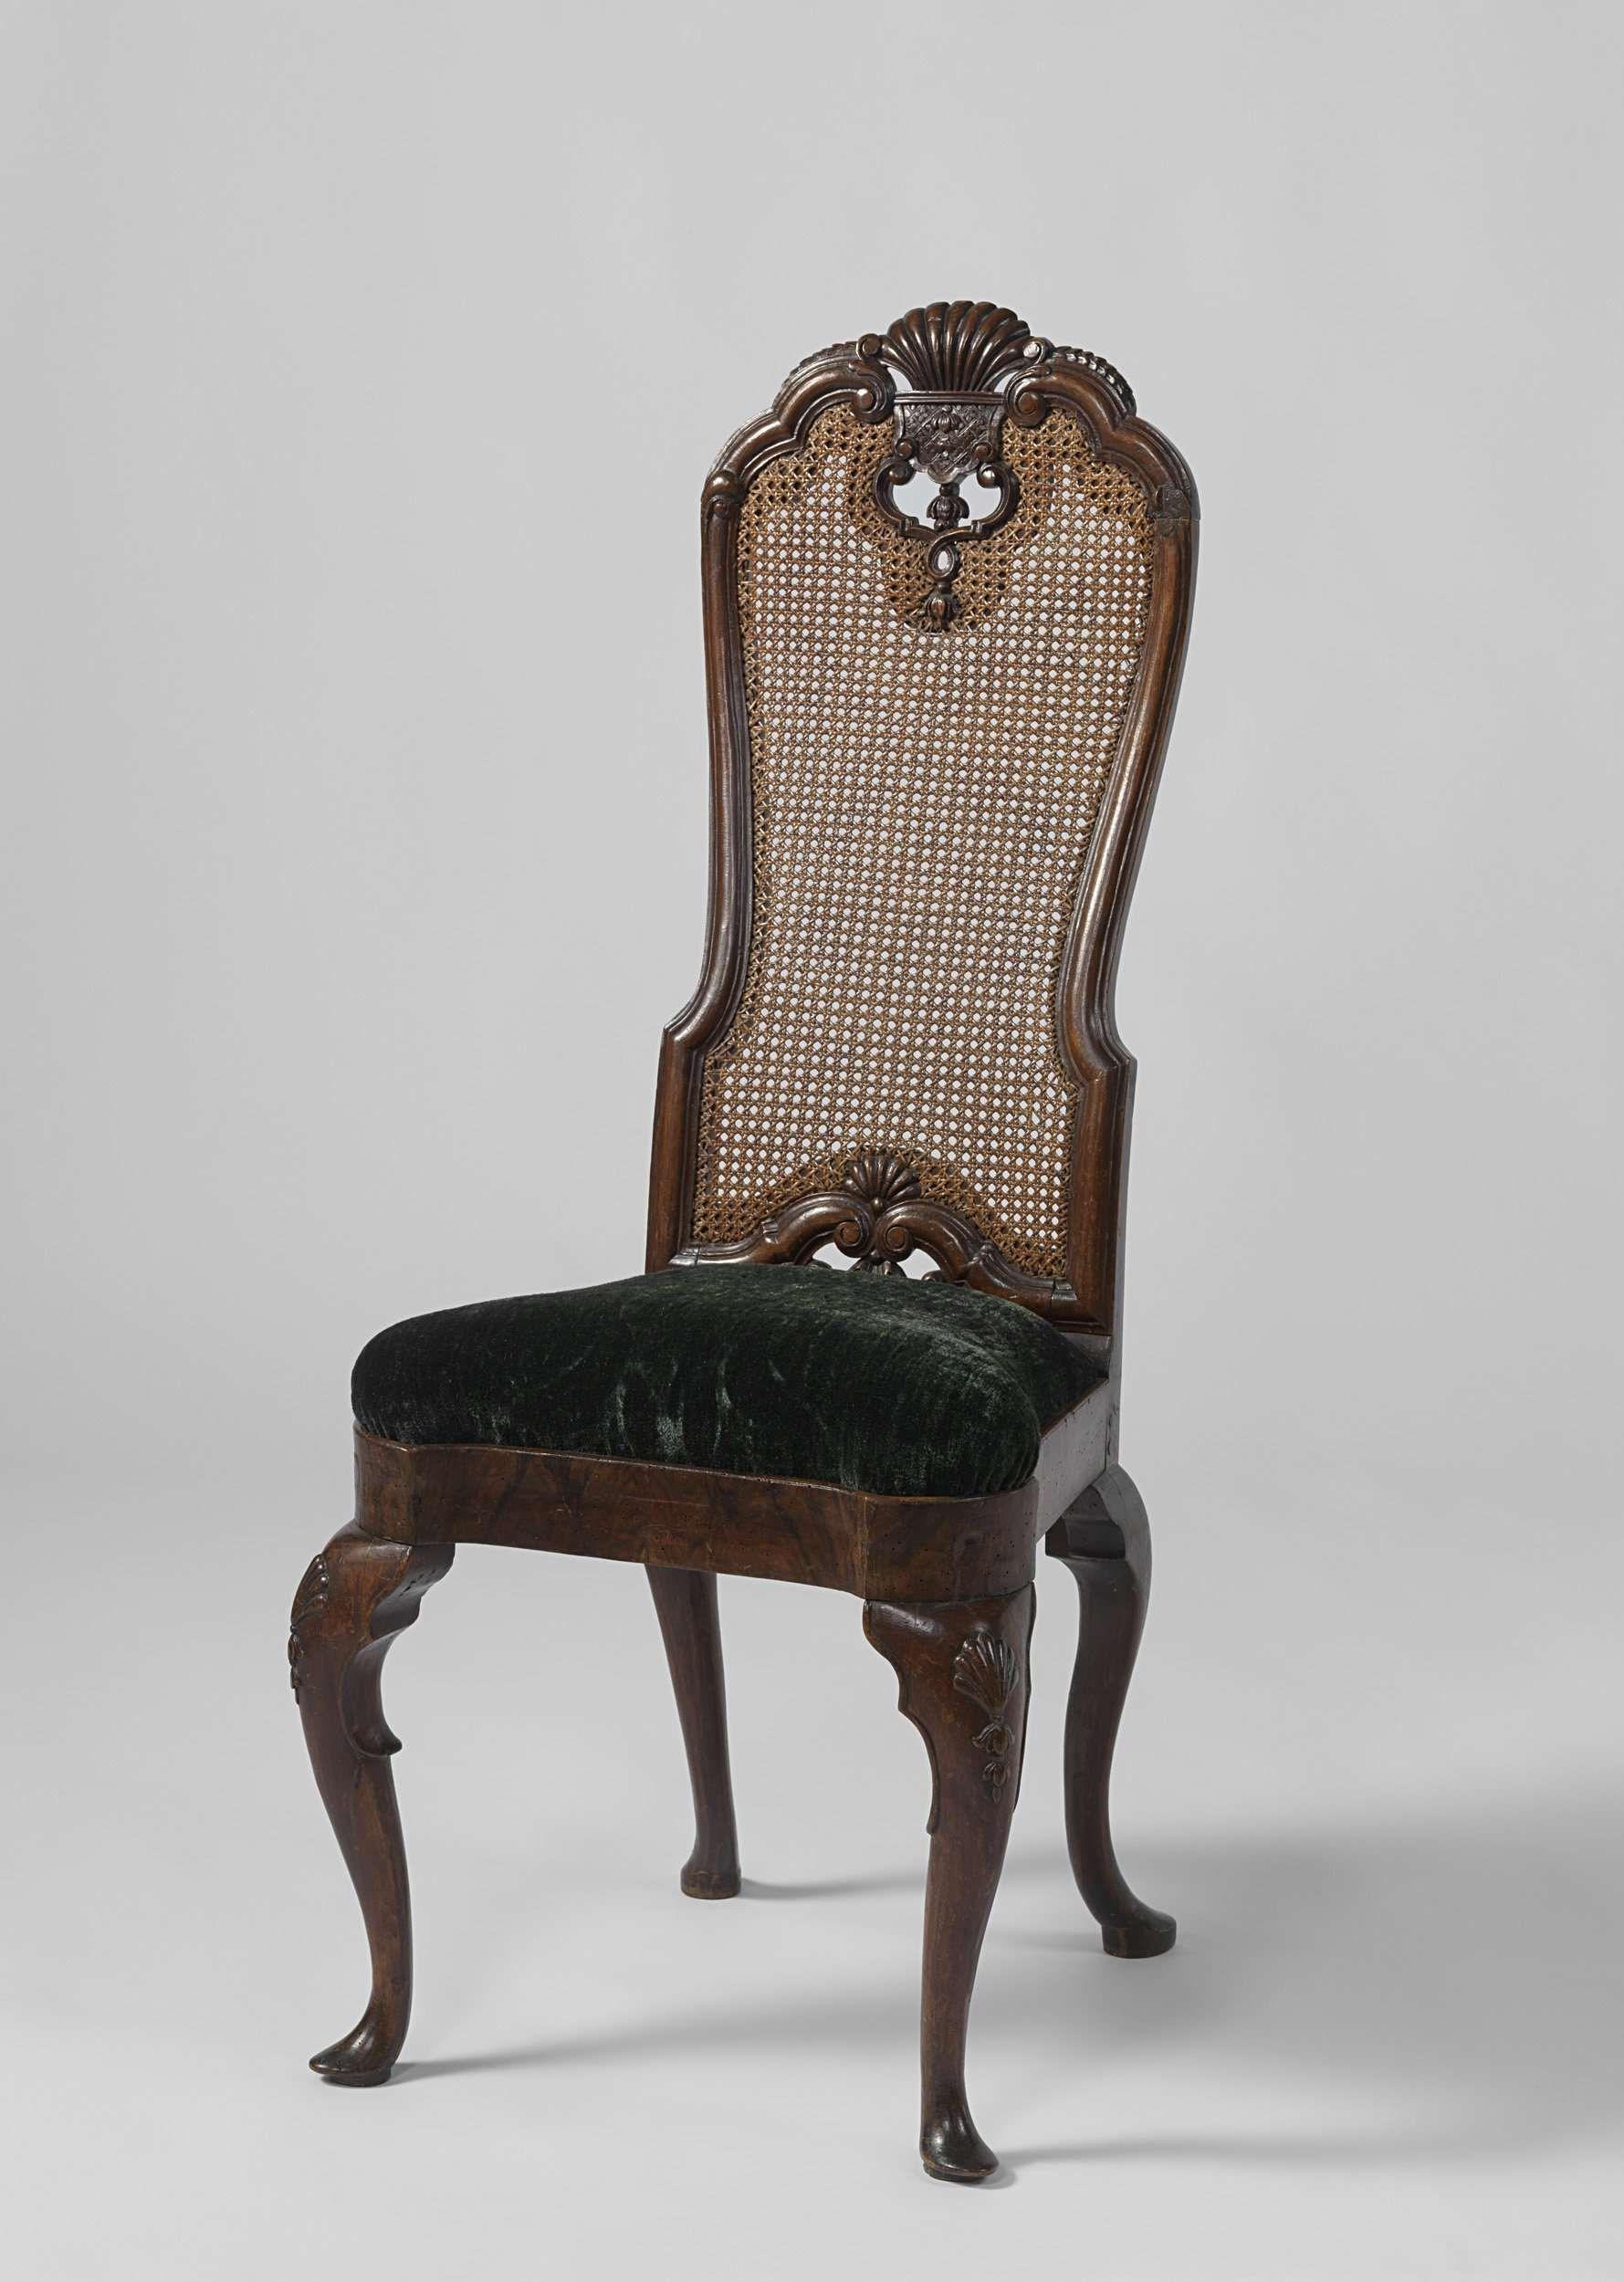 Stoel met schelpmotief anoniem 1700 1750 antiques for Mobili antichi 1700